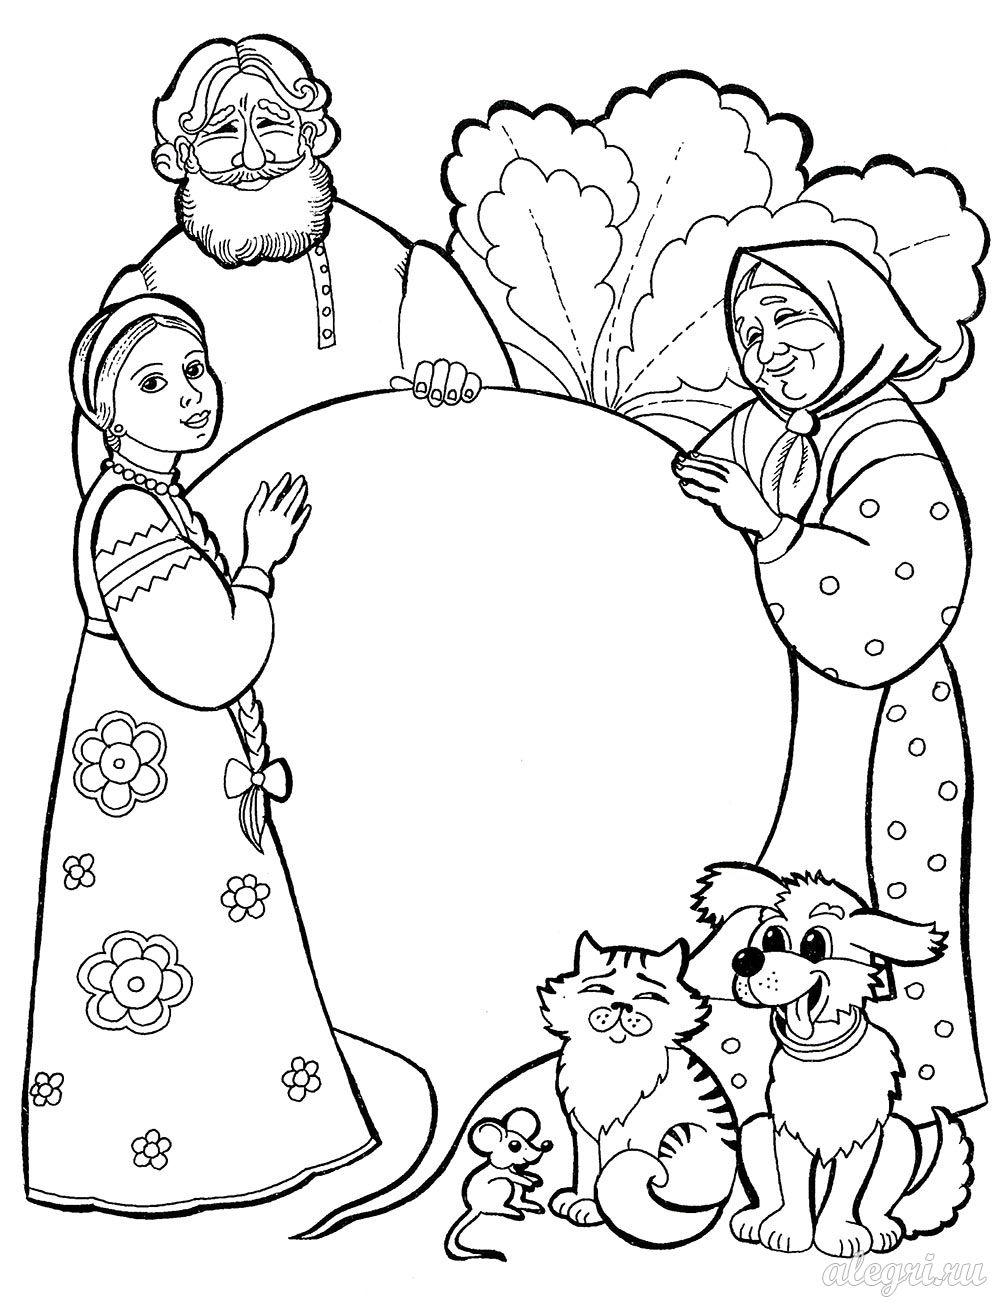 сказка раскраска для детей 5 лет